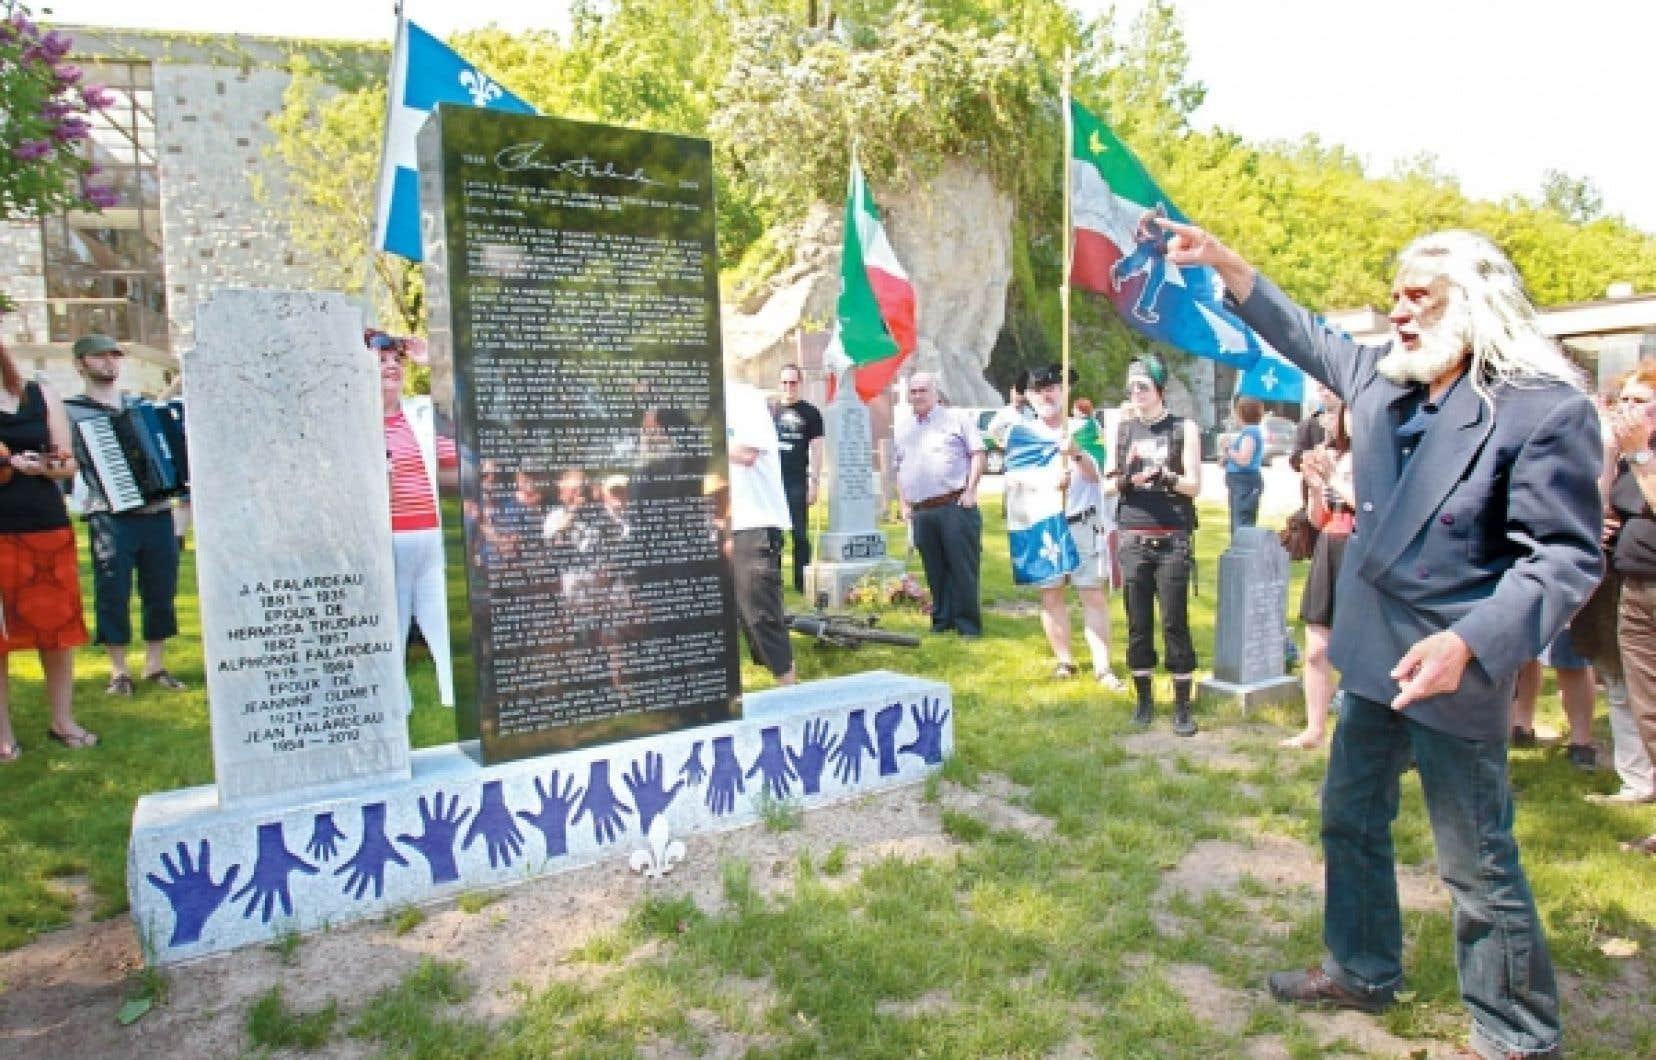 Le sculpteur Armand Vaillancourt devant le monument qu'il a créé à la mémoire de Pierre Falardeau